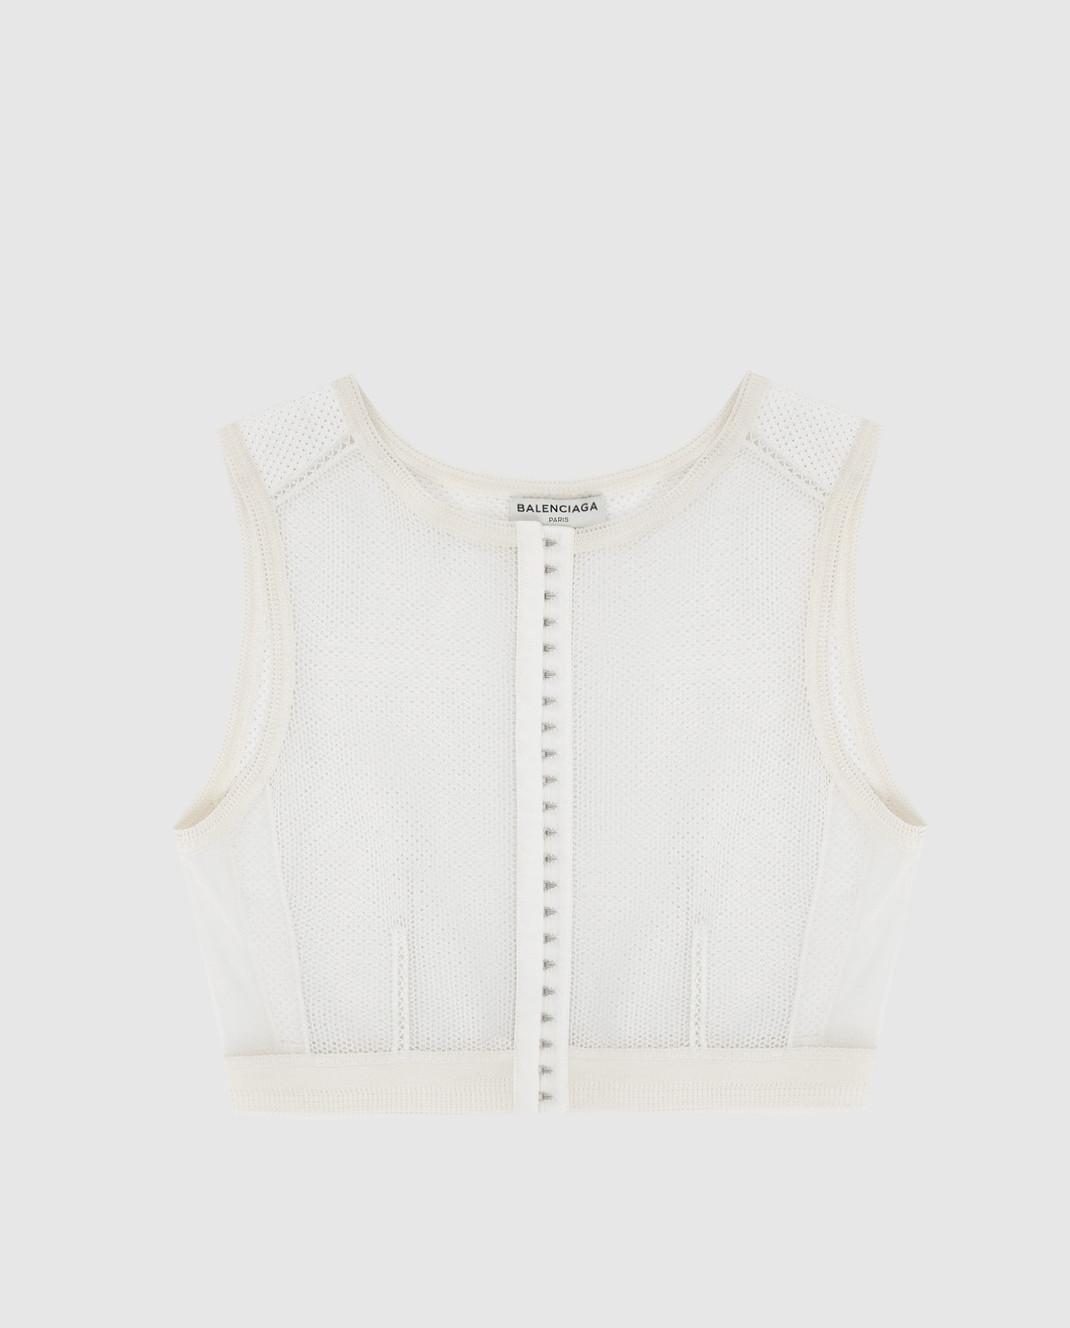 Balenciaga Белый топ 426823